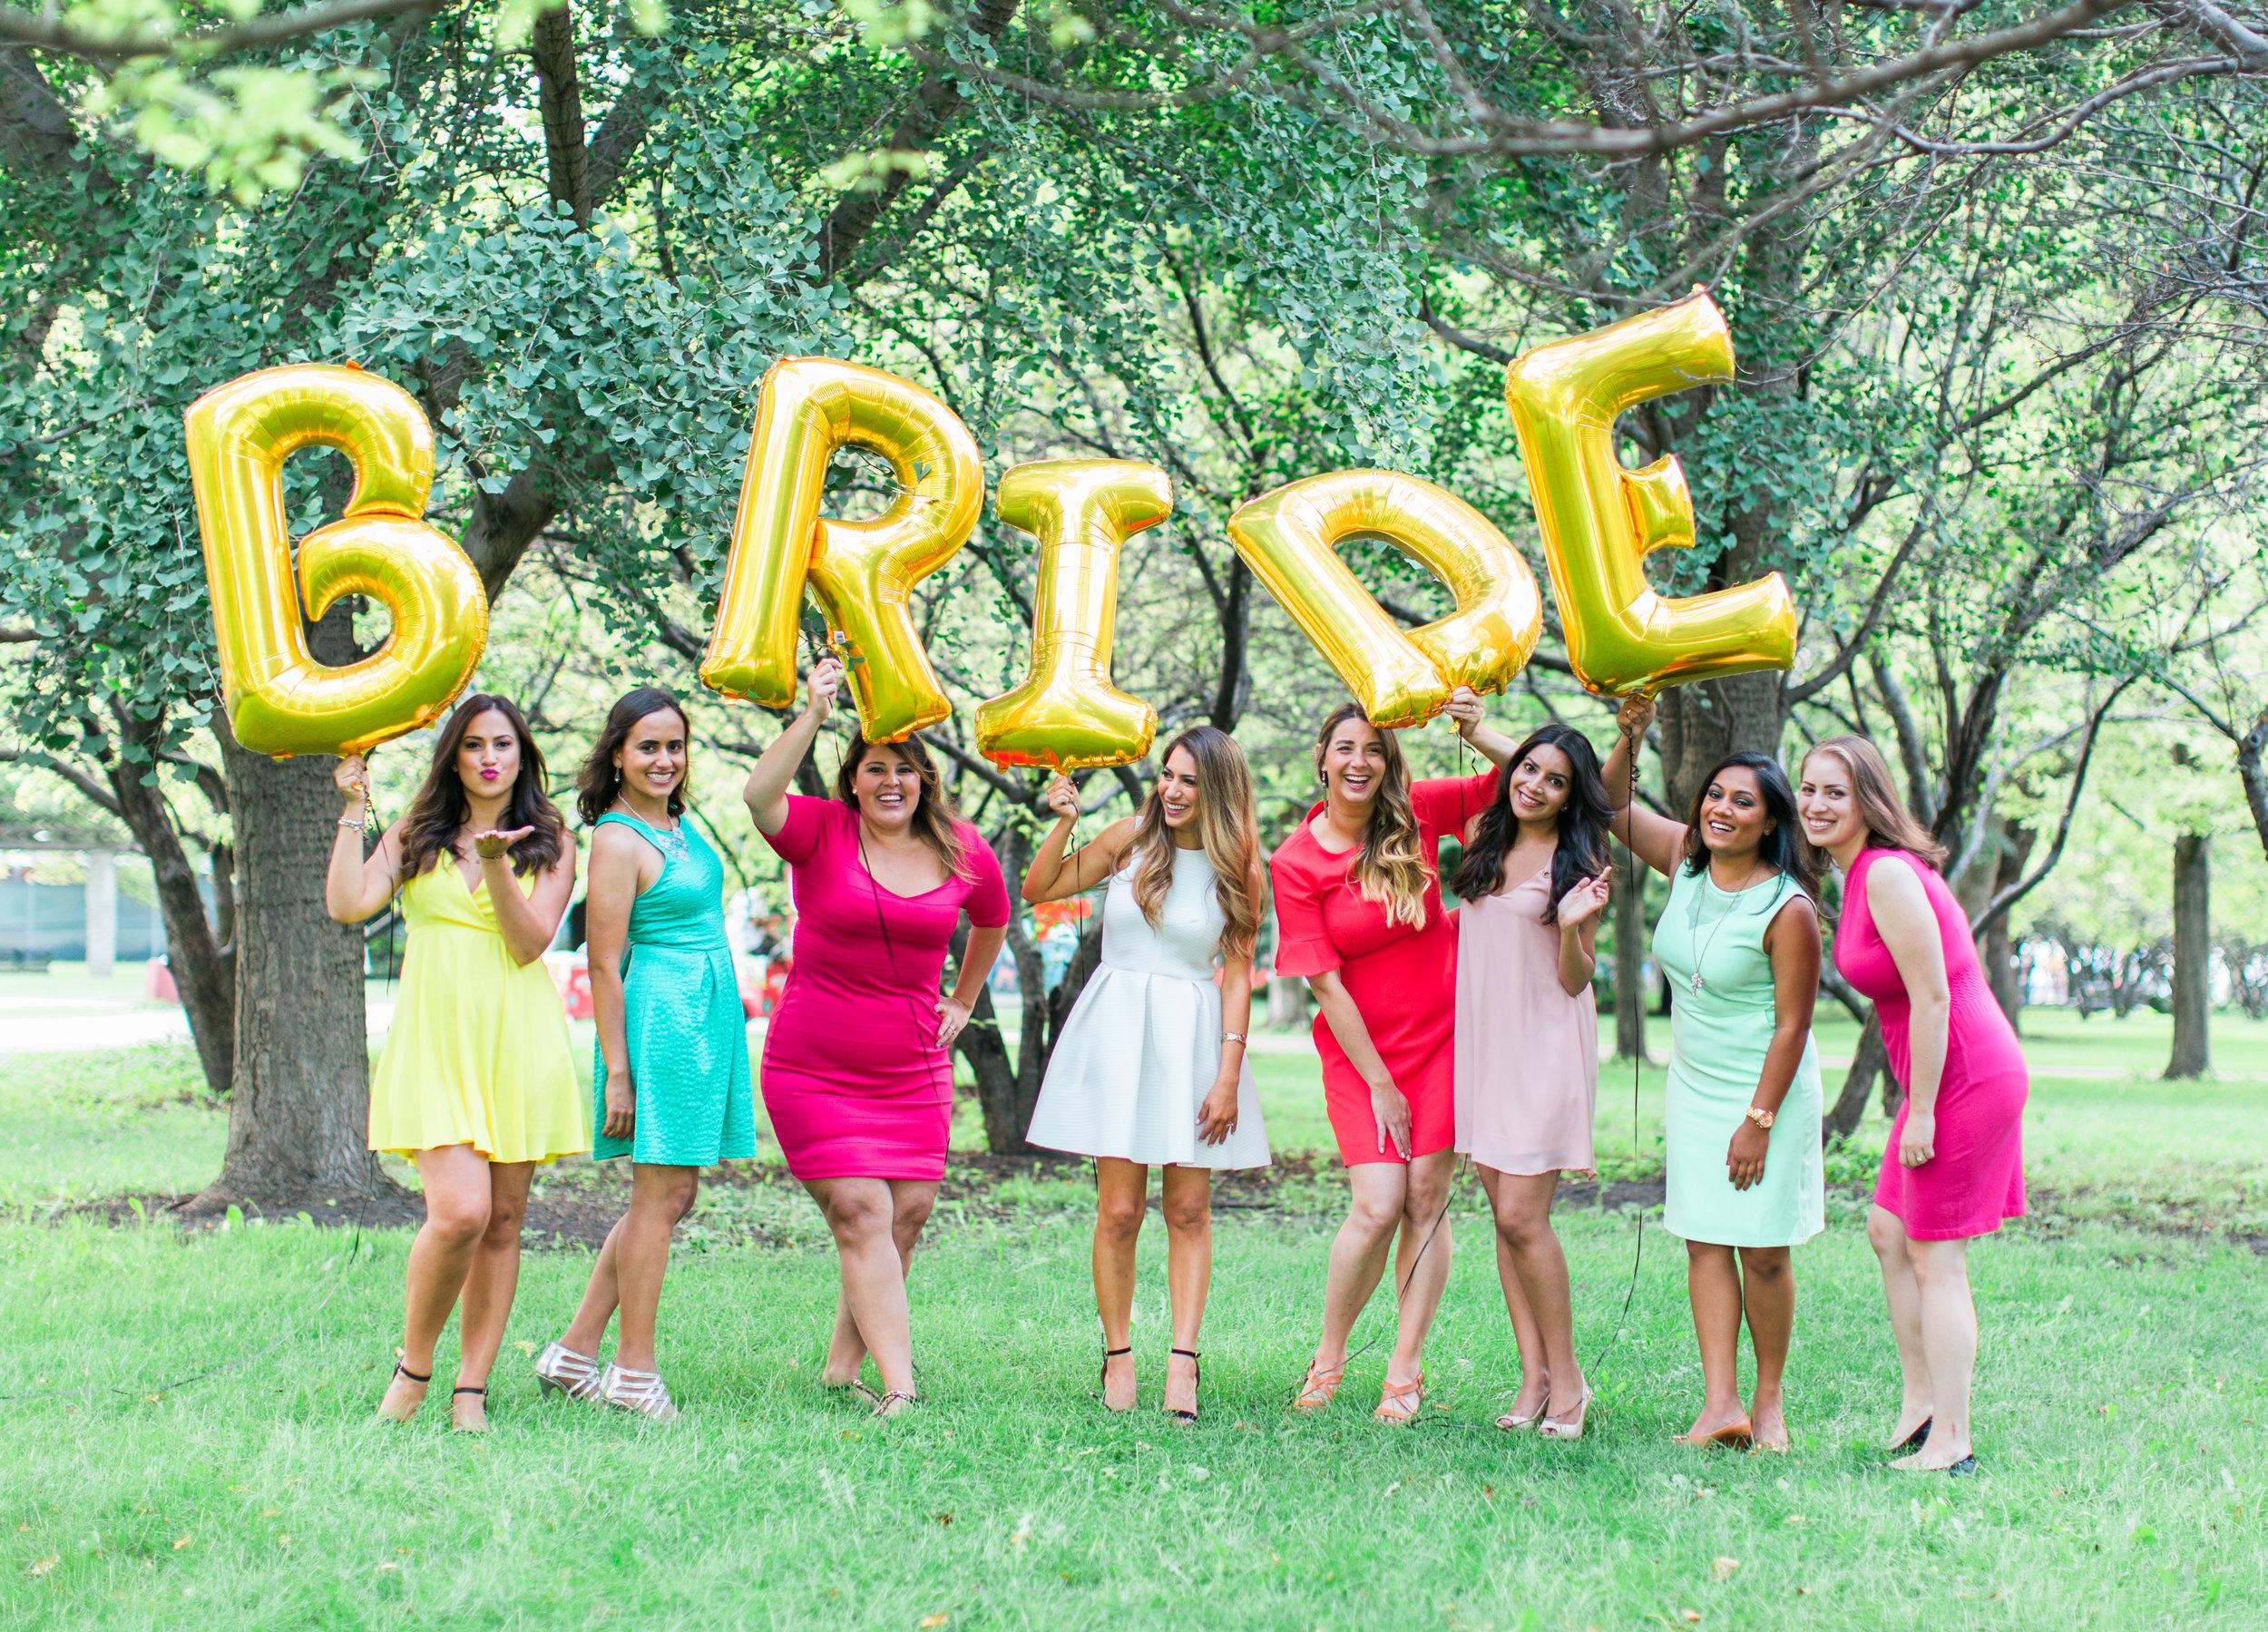 Bonphotage Bridal Shower Photography